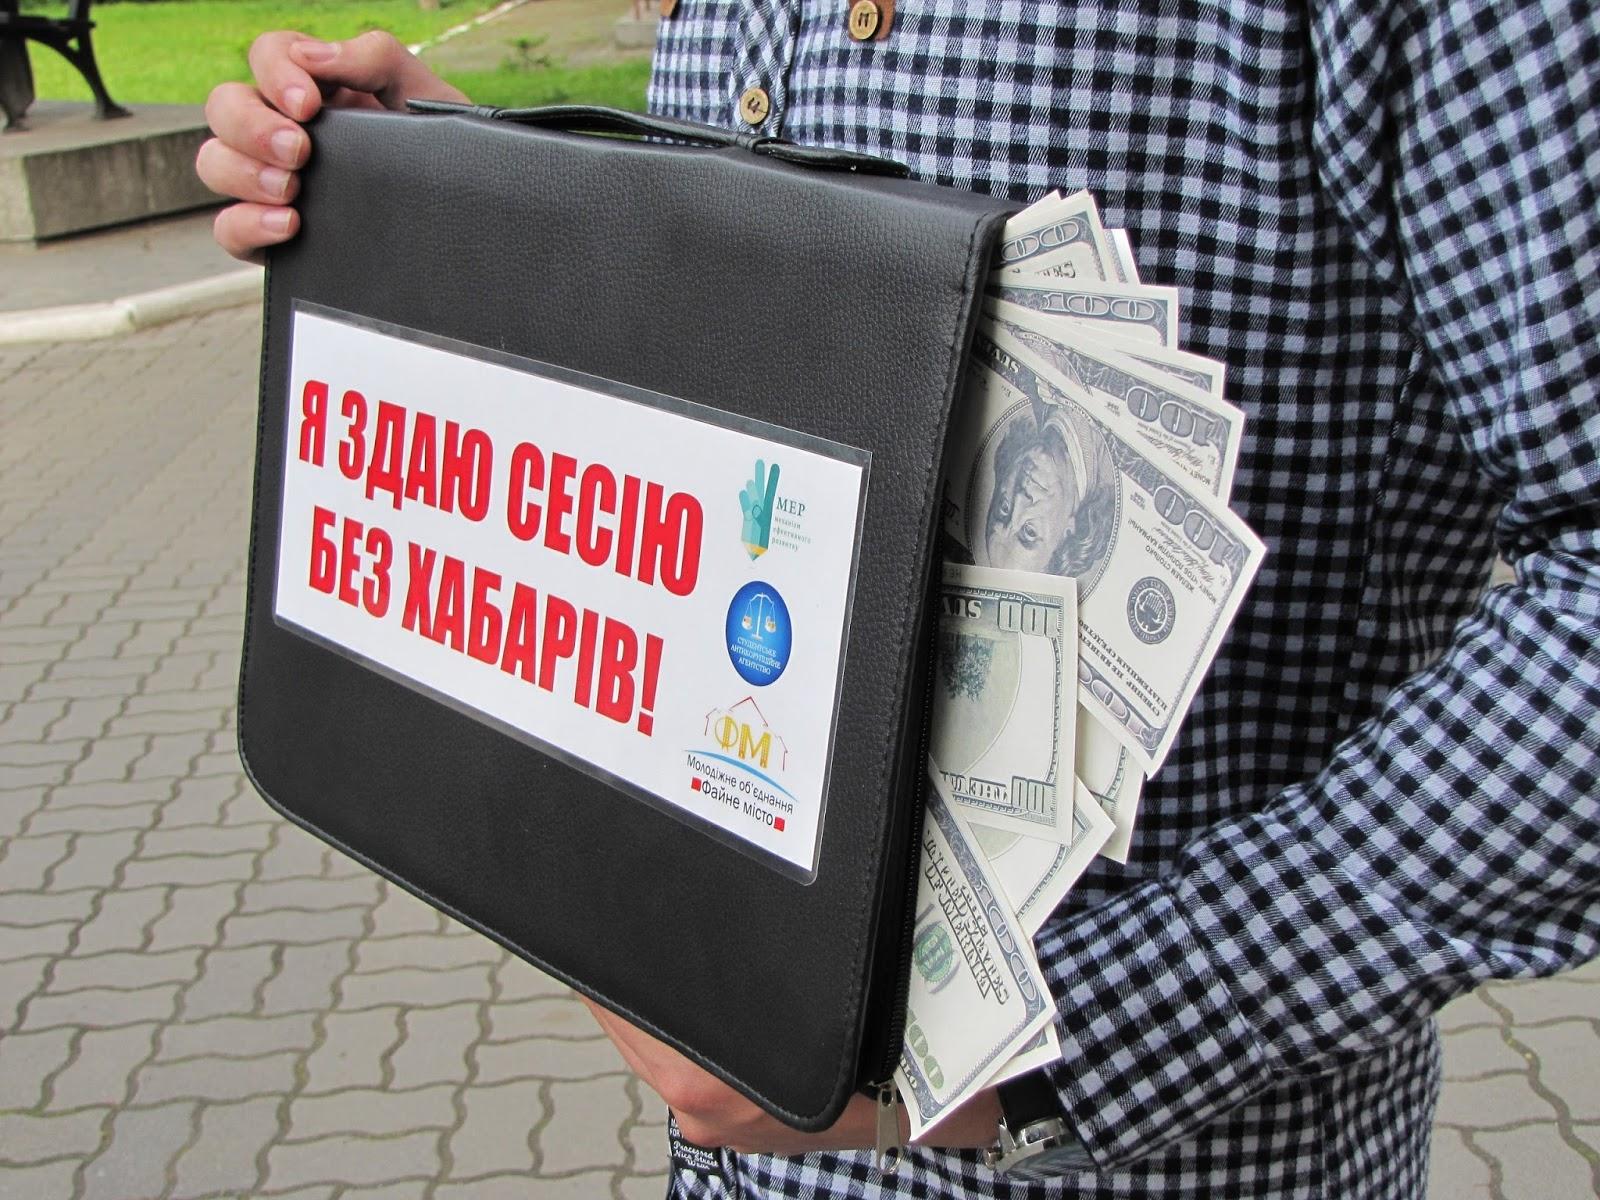 Сесія без хабарів: студенти влаштували грандіозний флешмоб проти корупції під час сесії. Дізнайтеся, як приєднатися до флешмобу